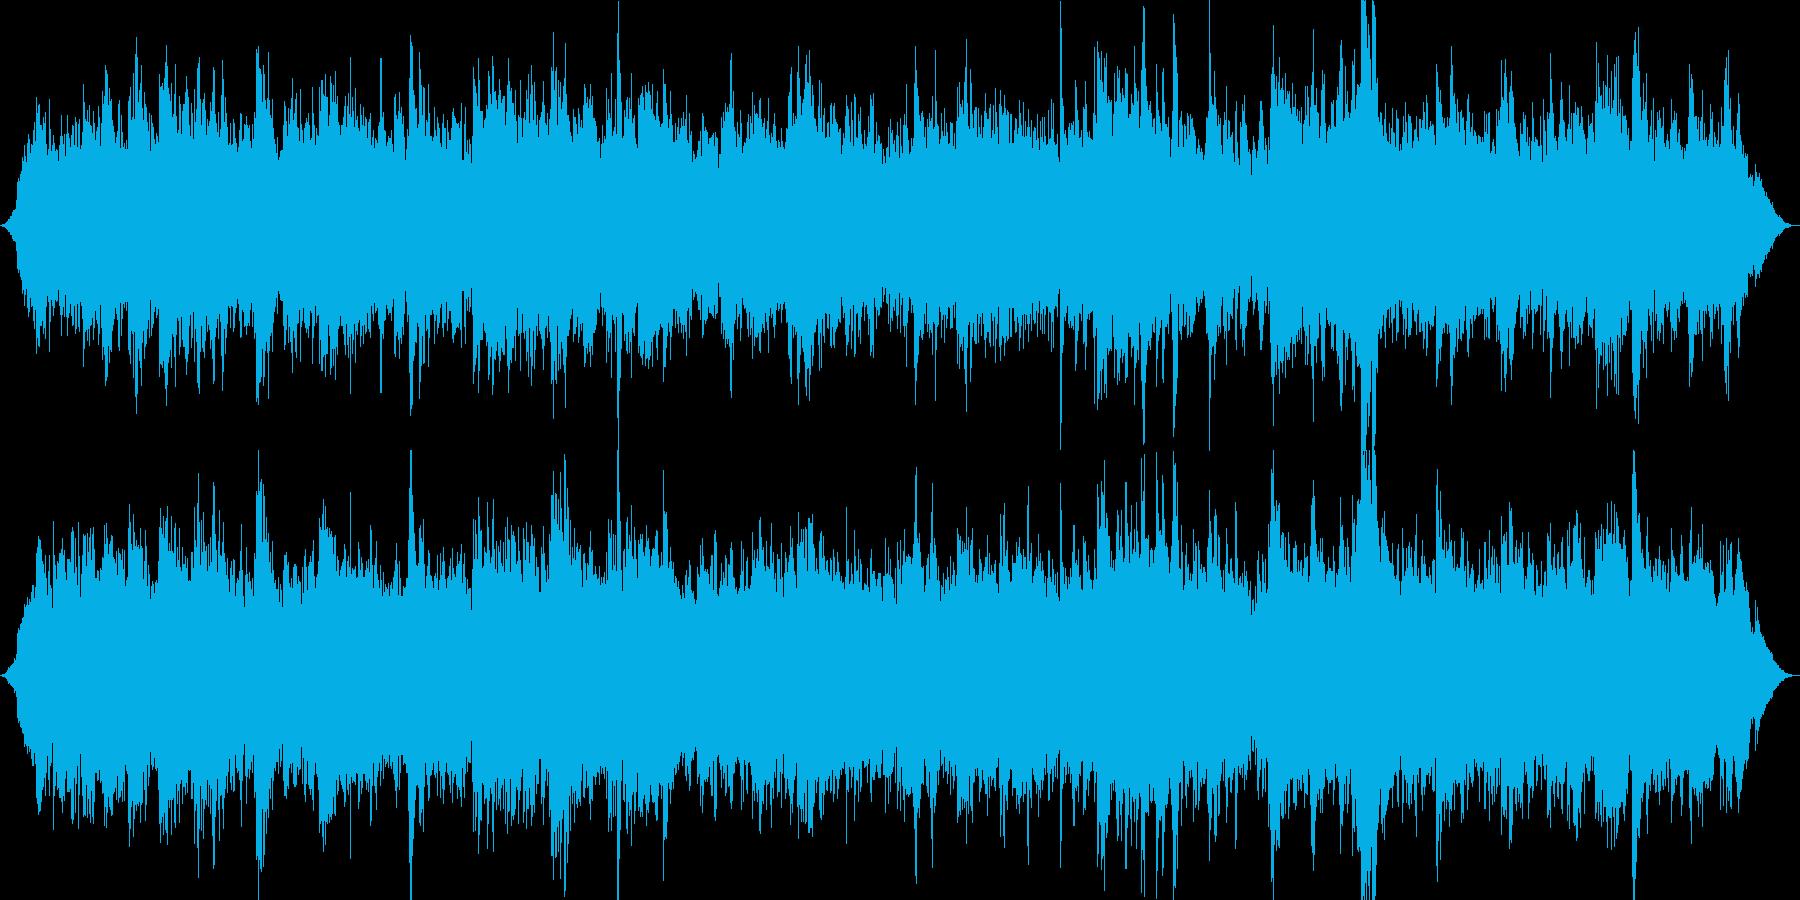 自然やピアノの音が絡み合うアンビエントの再生済みの波形